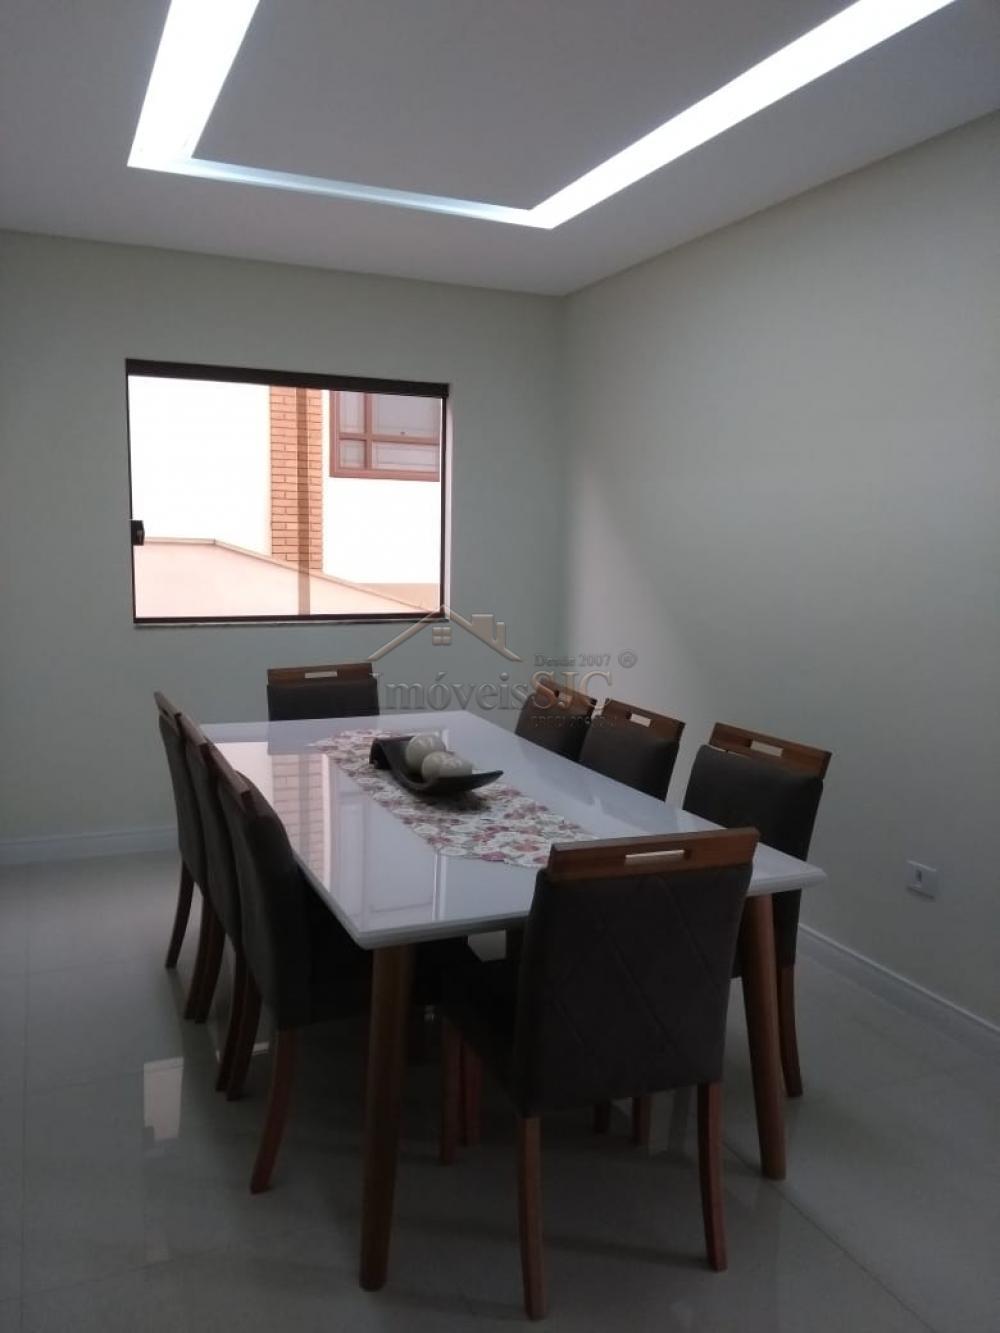 Alugar Casas / Padrão em São José dos Campos apenas R$ 4.400,00 - Foto 21